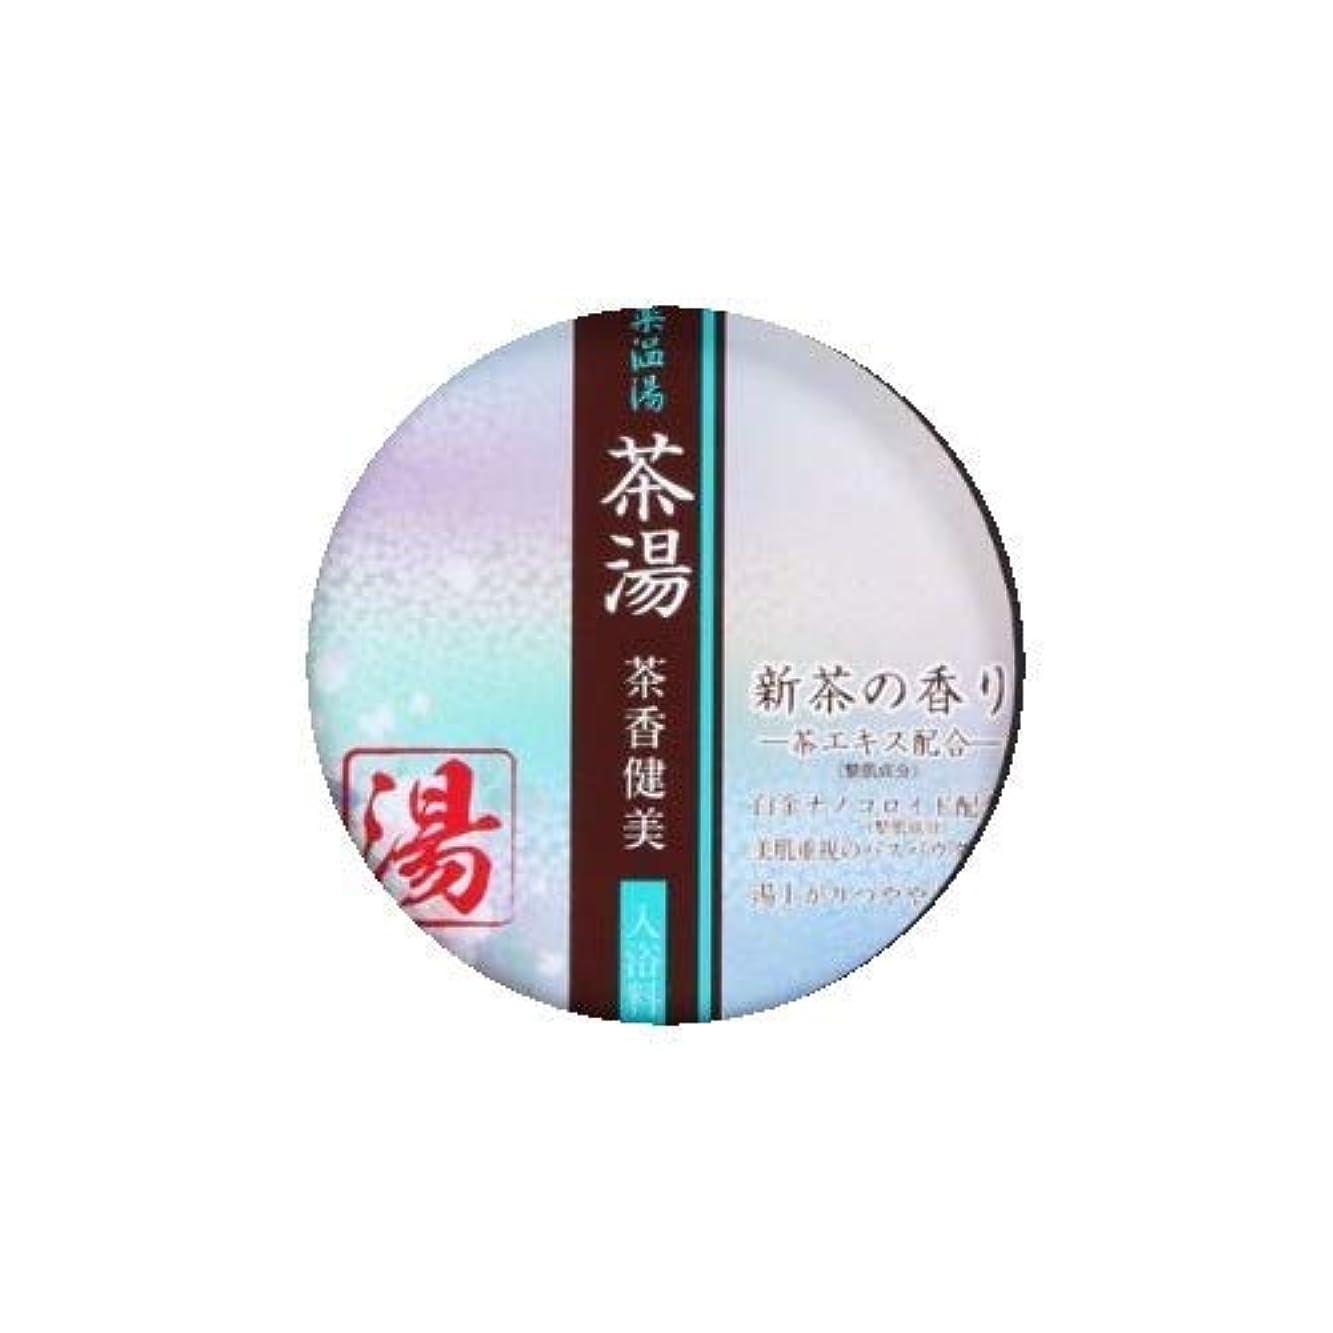 簡単なせっかち剪断薬温湯 茶湯 入浴料 新茶の香り POF-10S